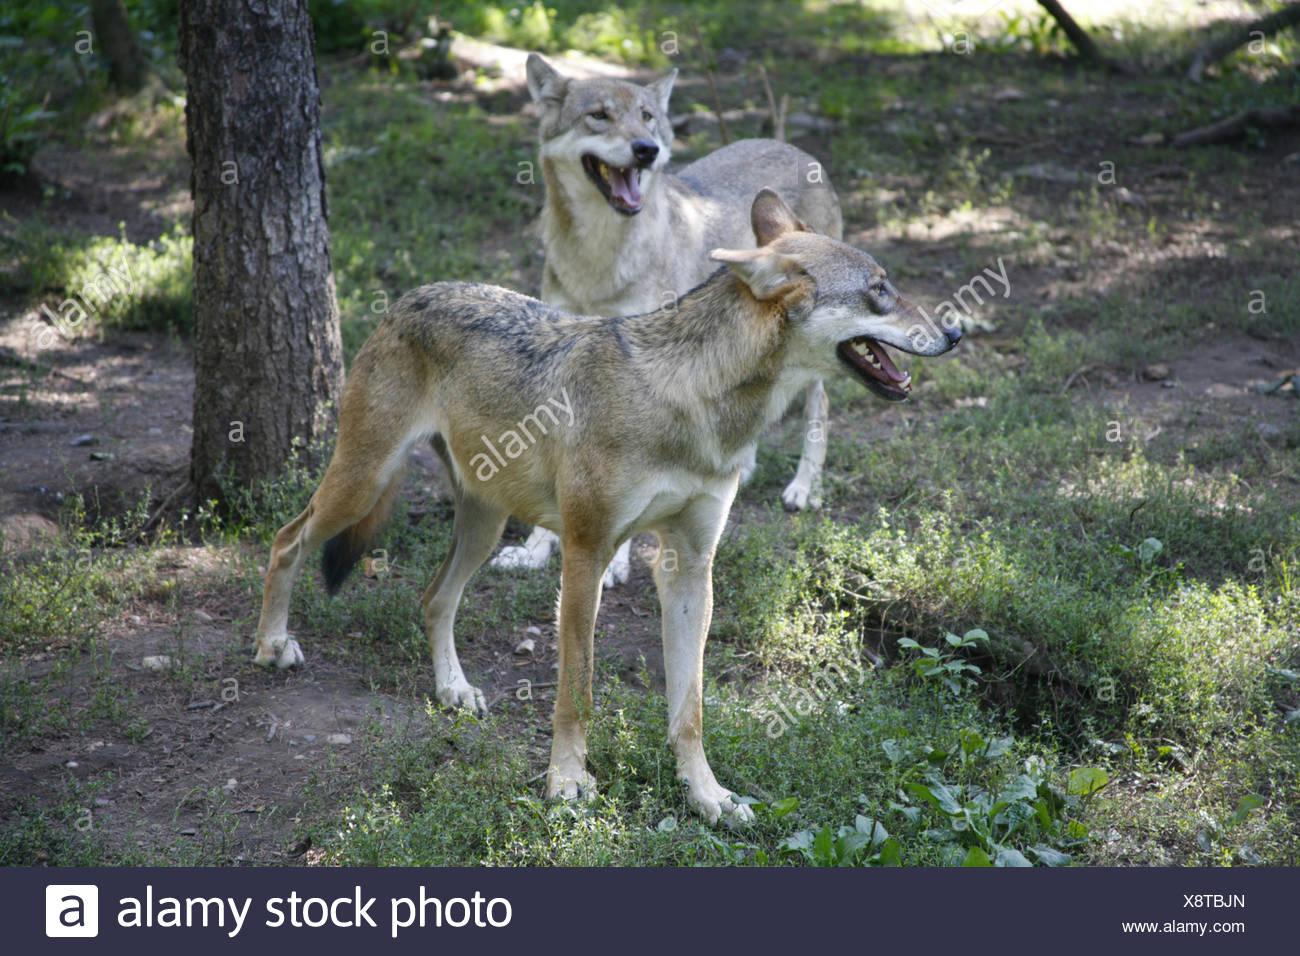 Prag, Tschechische Republik, Wald, Grauwolf, Canis Lupus, Natur, Tierwelt, Tier, Tiere, Saeugetier, Säugetier, Saeugetiere, Säug Stockbild